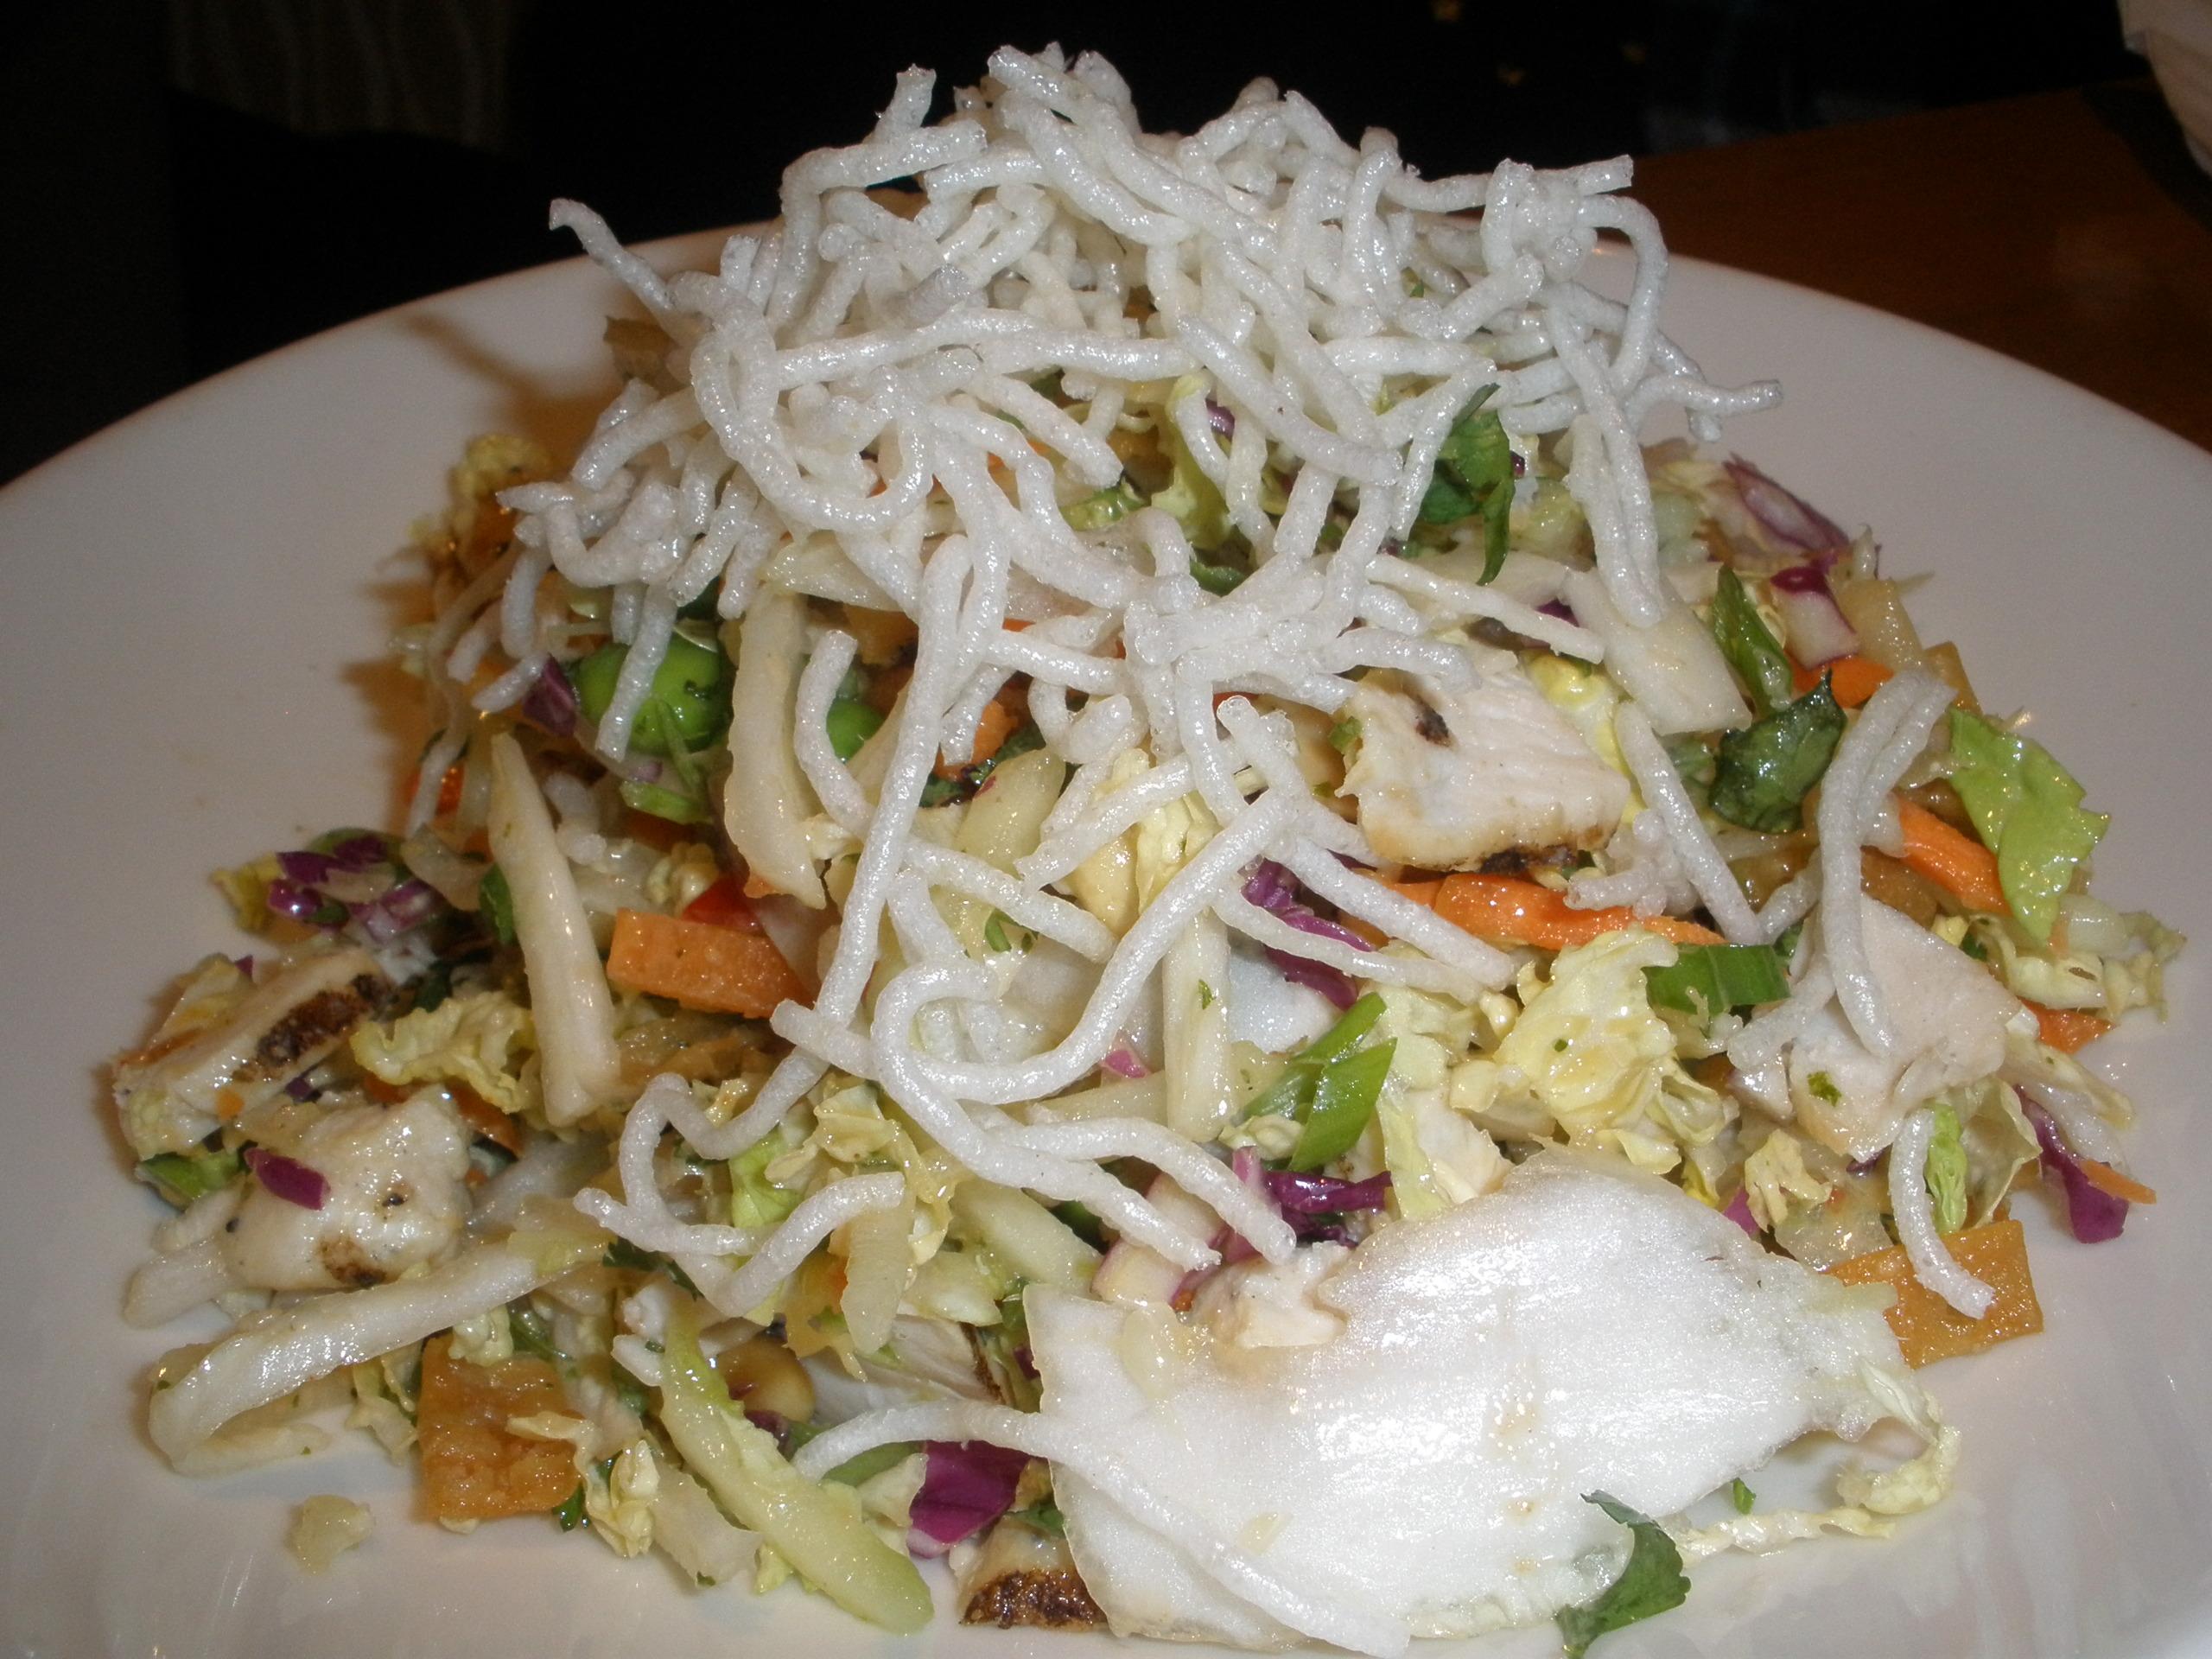 California Pizza Kitchen Recipes Thai Crunch Salad Food Salad Recipes